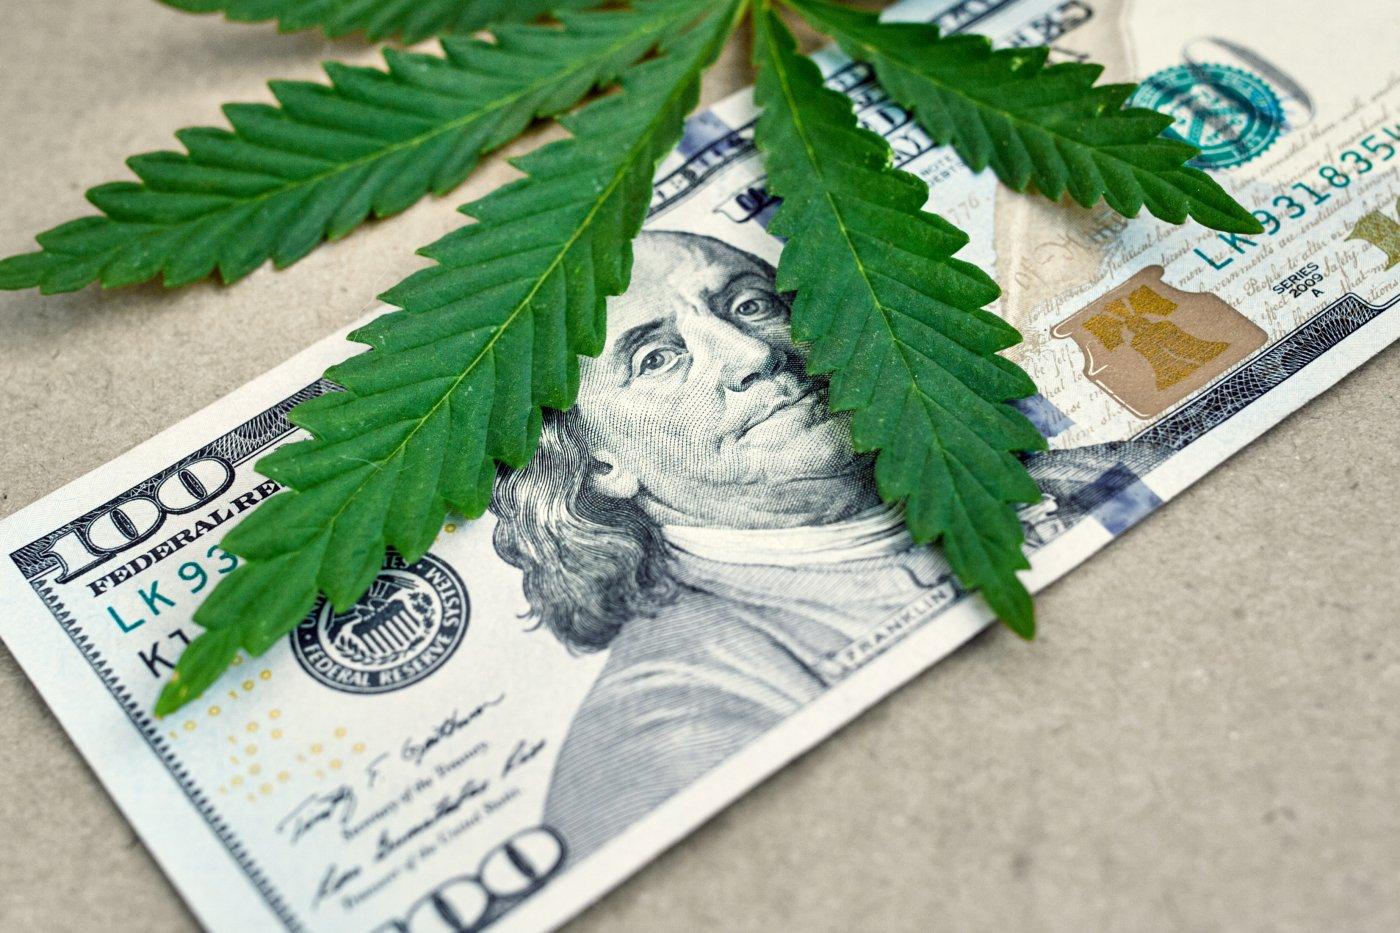 Nación Cannabis | Legalización de la marihuana en el mundo, ventajas e incertidumbres